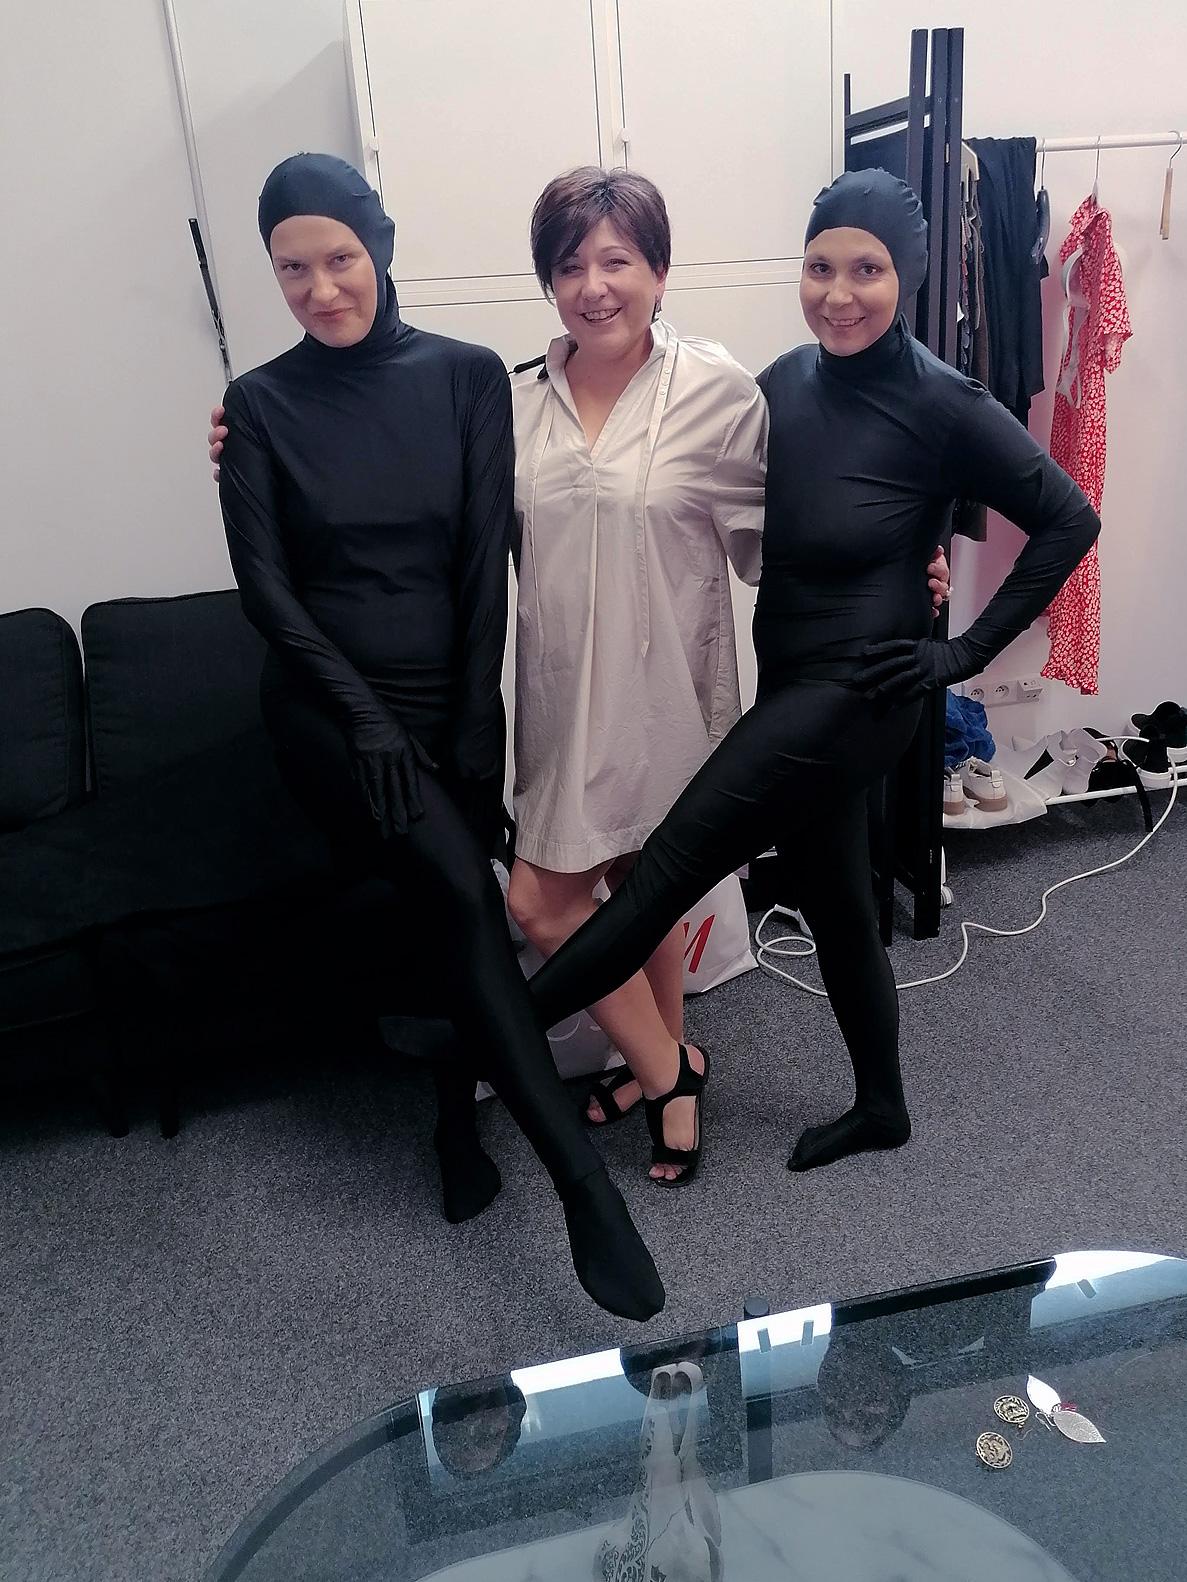 Trzy uśmiechnięte kobiety ustawione w jednej linii. Dwie z nich, po bokach, ubrane są od stóp do głów w czarny, jednolity, przylegający do ciała kostium. w środku stoi Urszula Smok w jasnej sukience prze kolano